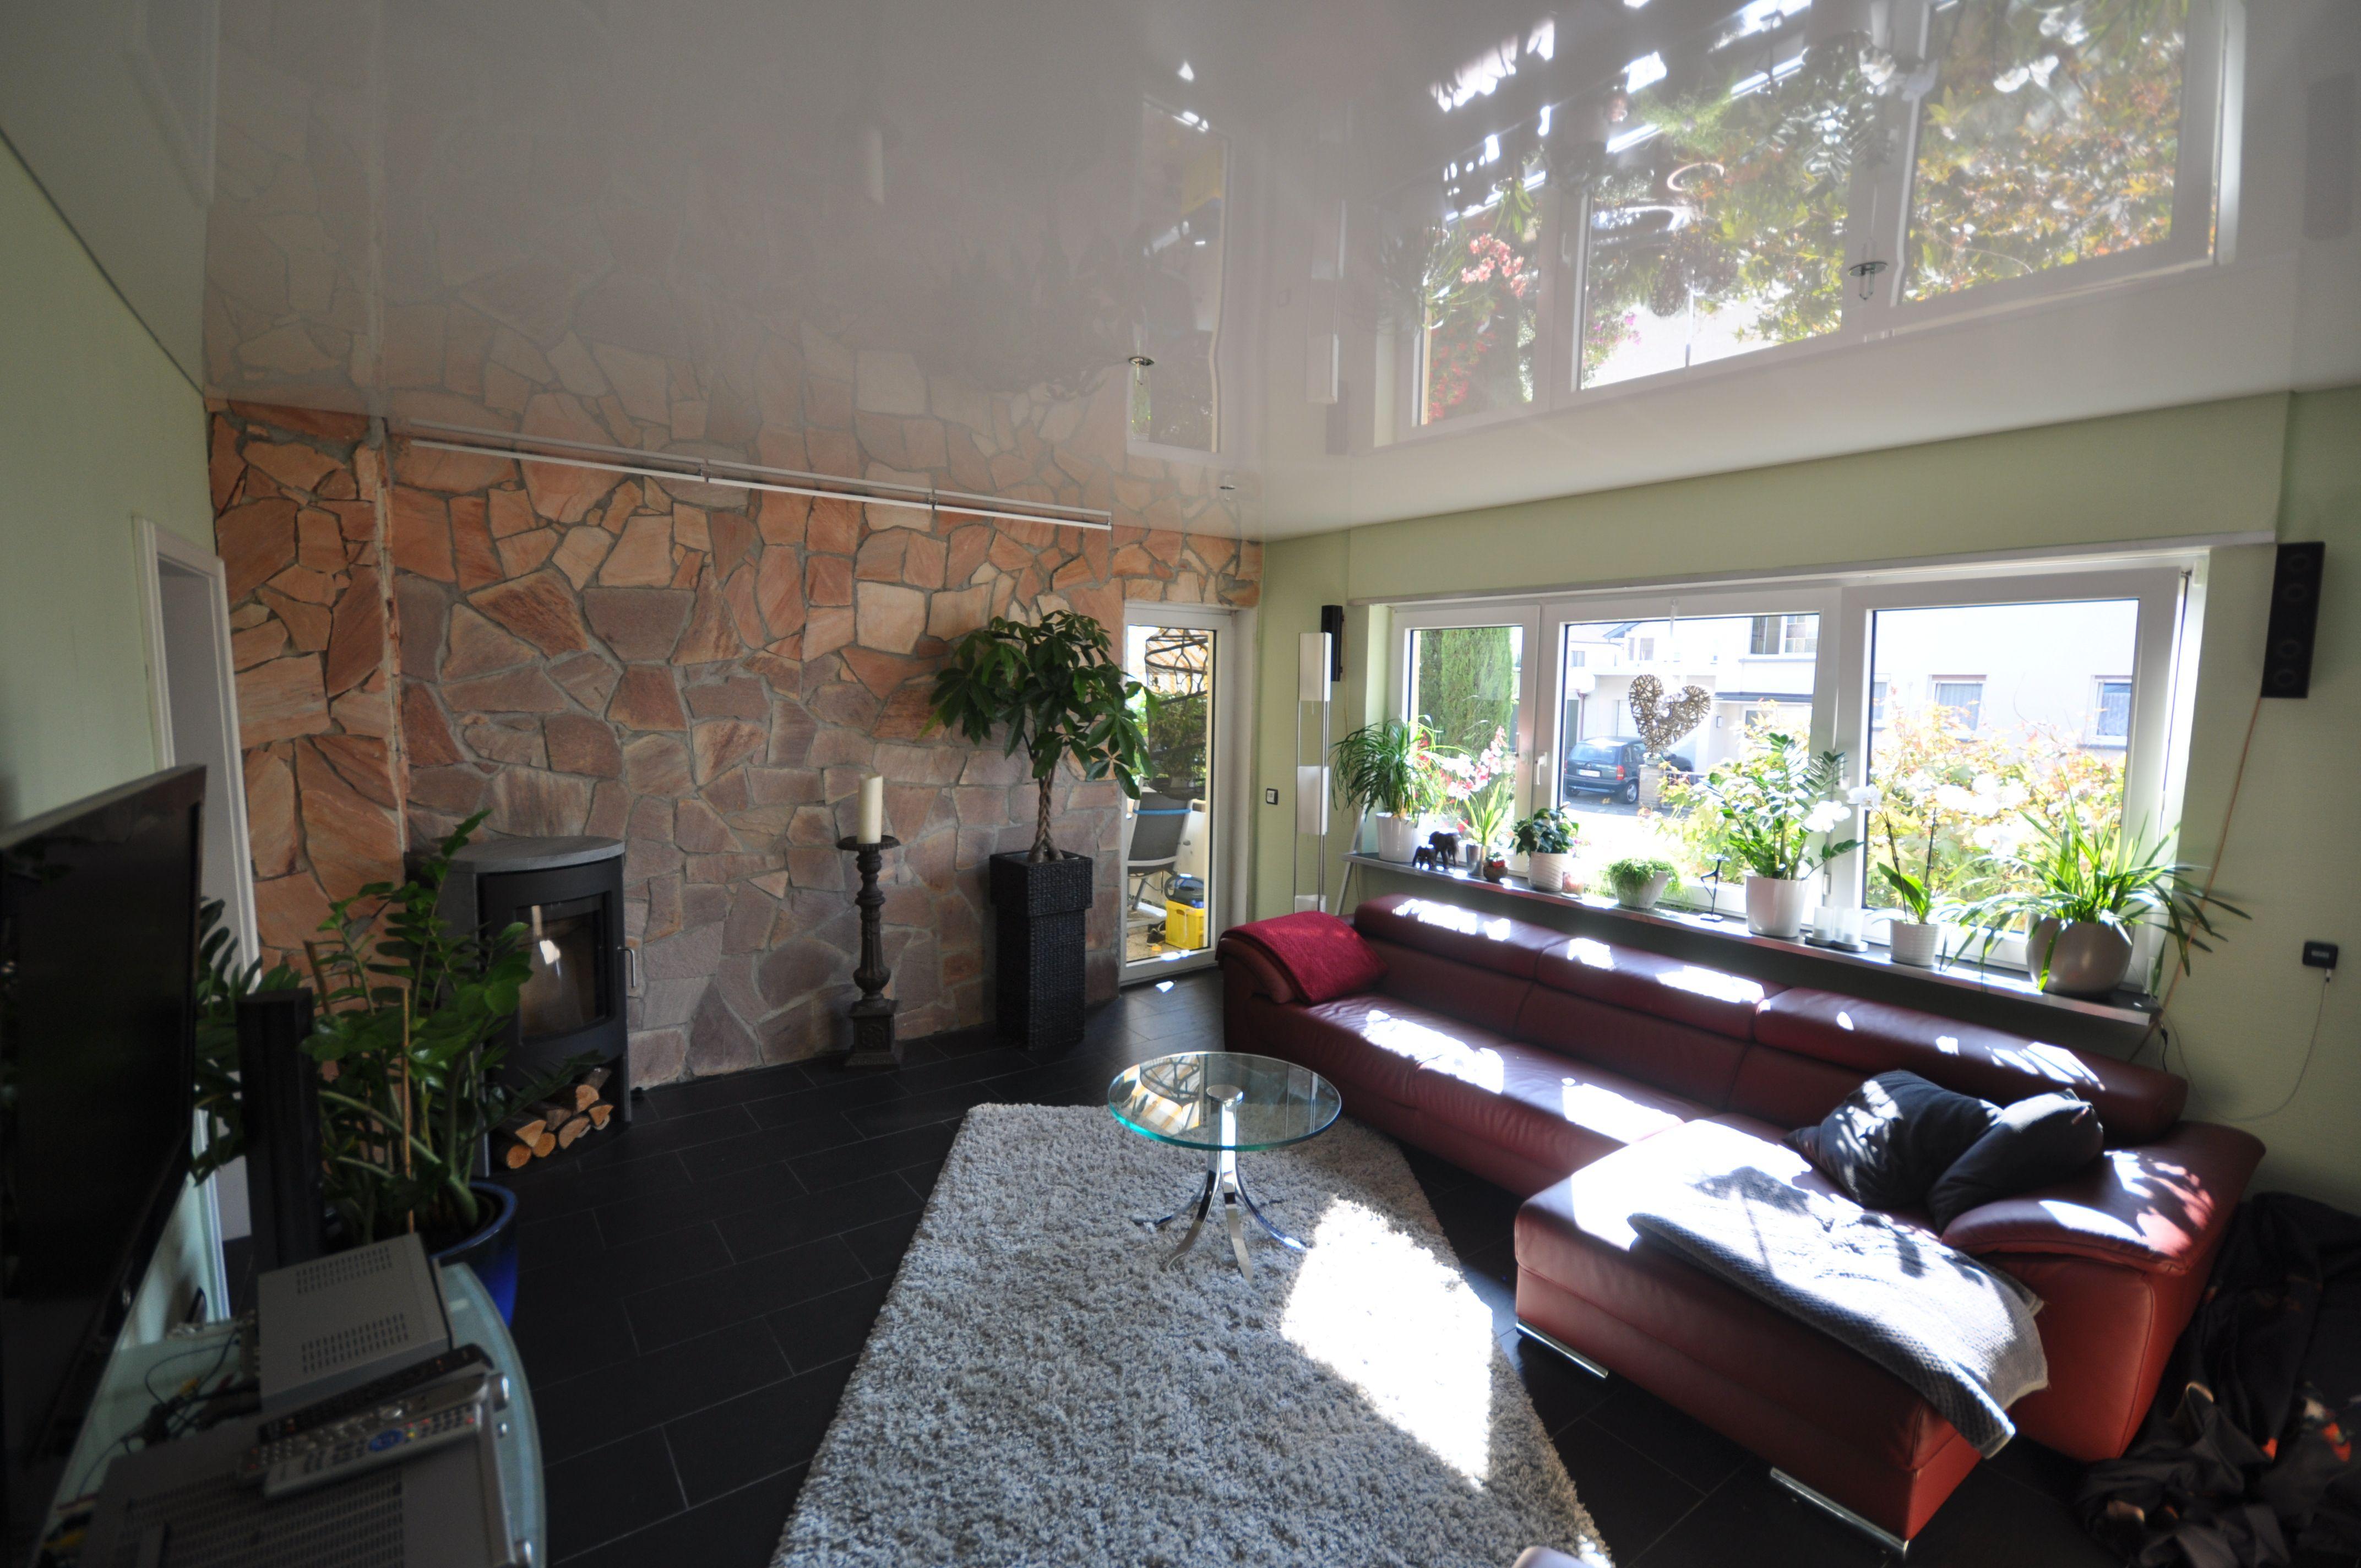 decke wohnzimmer full size of wohnzimmer modern einrichten bilder modern wohnzimmer wohnzimmer. Black Bedroom Furniture Sets. Home Design Ideas